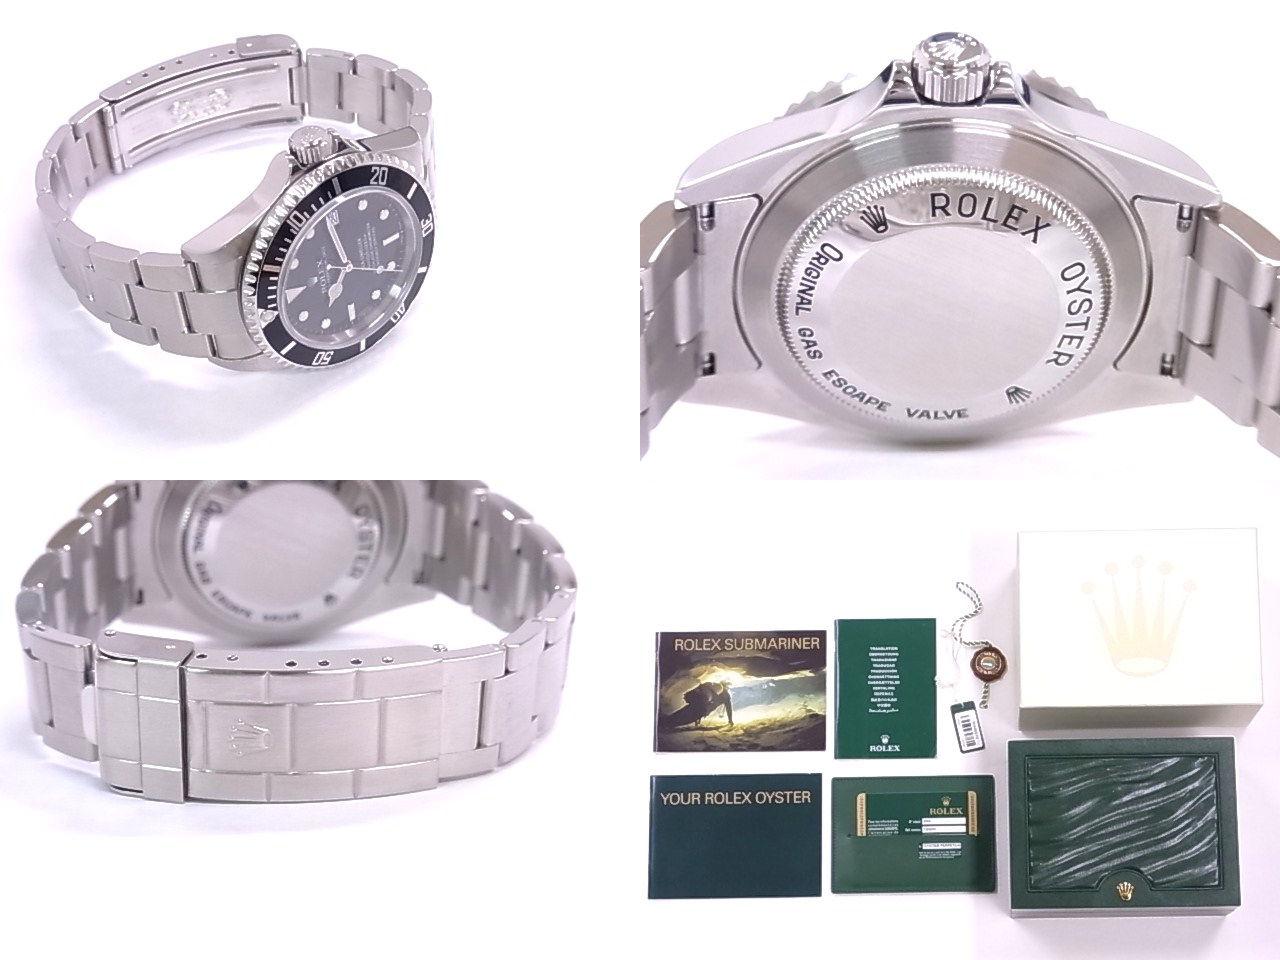 勞力士勞力士 16,600 居民 M SS 黑色錶盤